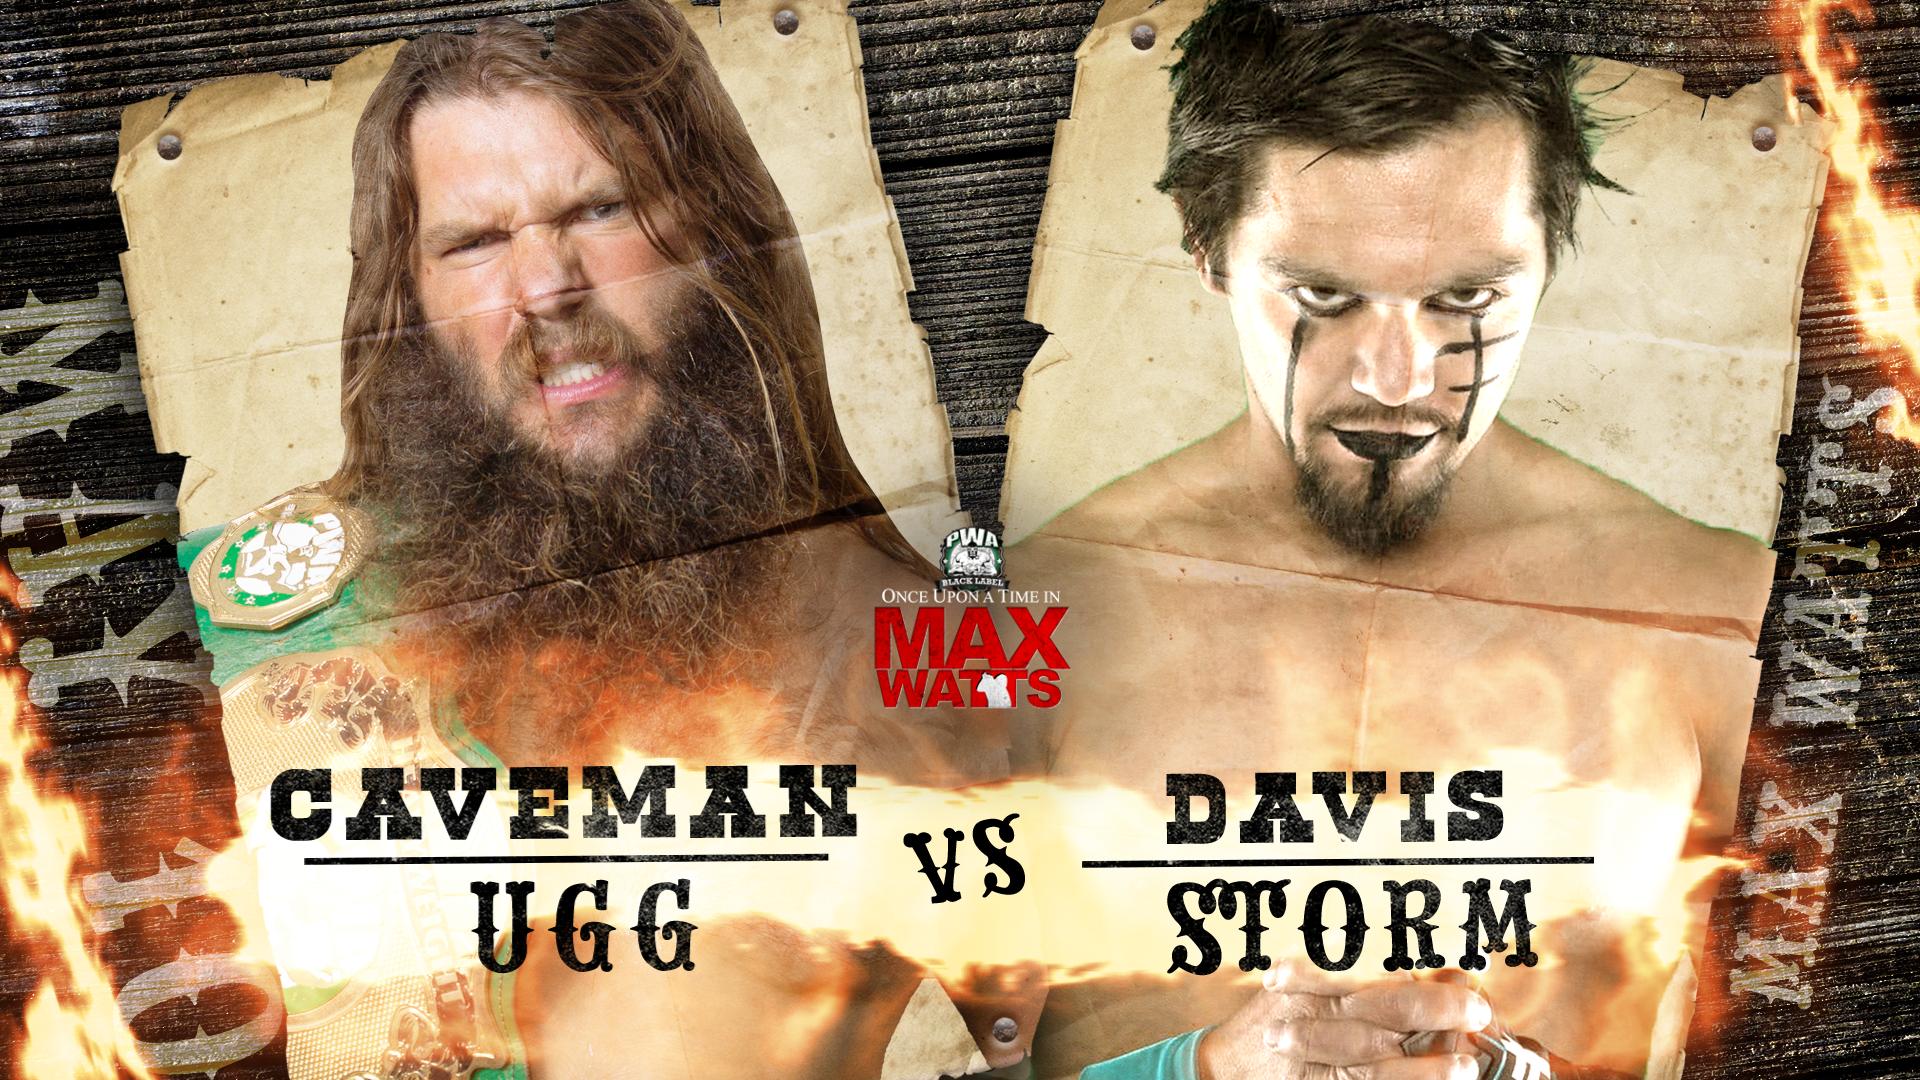 PWA - Once upon a time - Caveman UGG Vs Davis Storm IMAGE.png